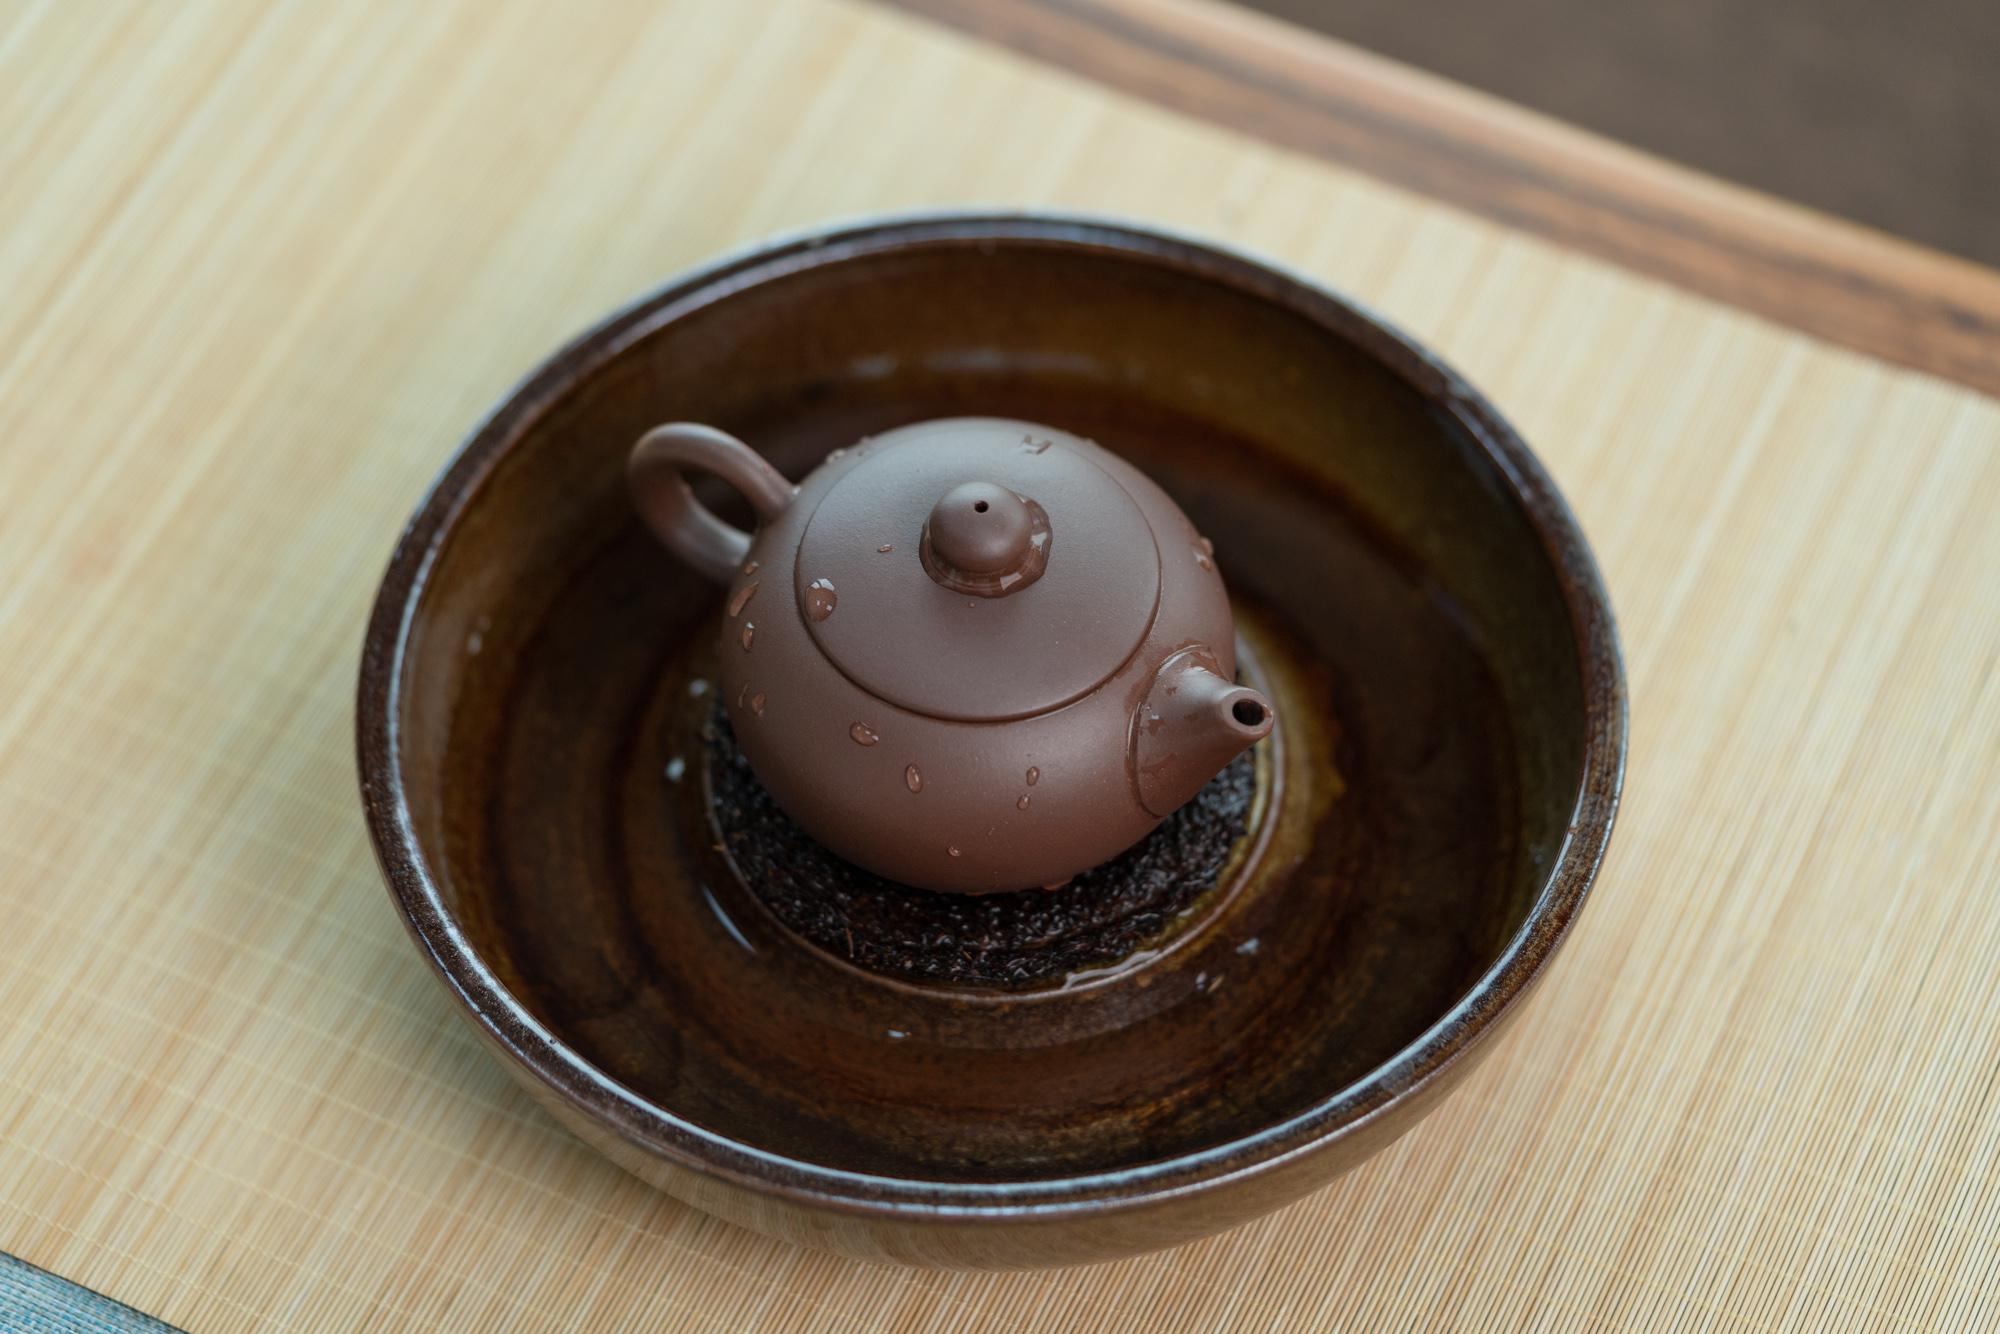 小喜年-泡茶前温壶,原来还蕴含着这样的人生哲理